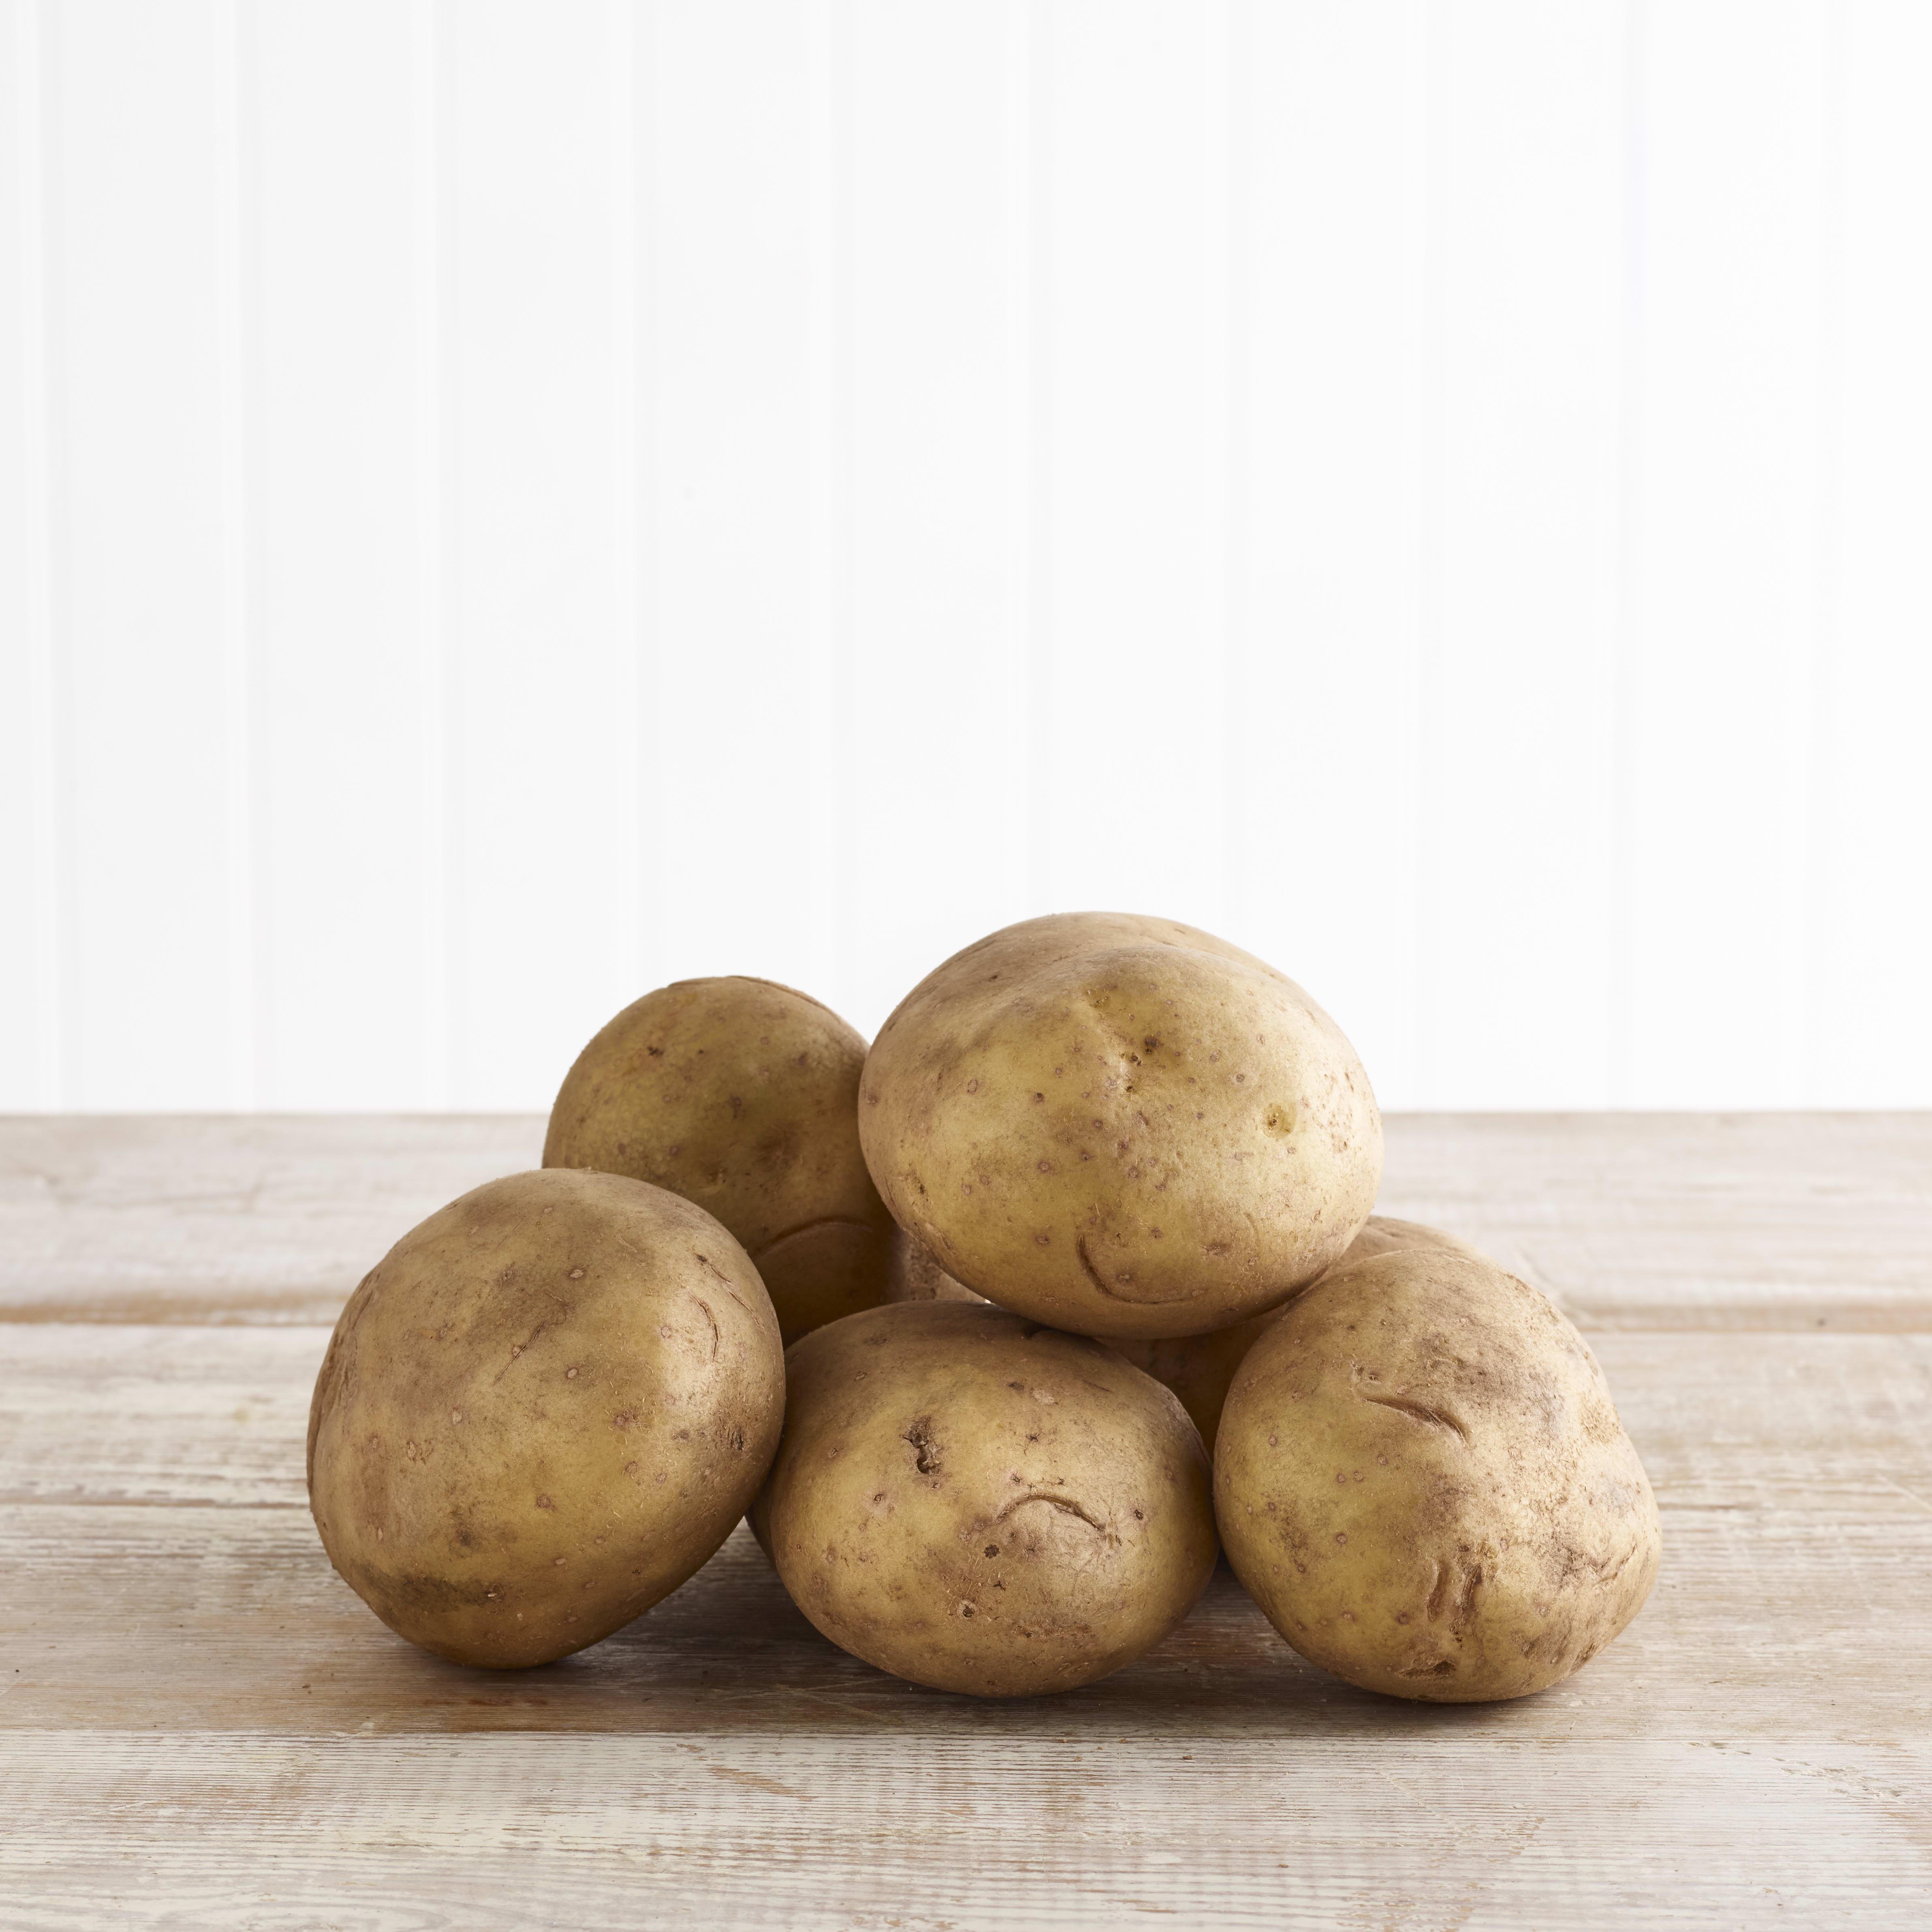 Organic Baking Potatoes, 1.5kg